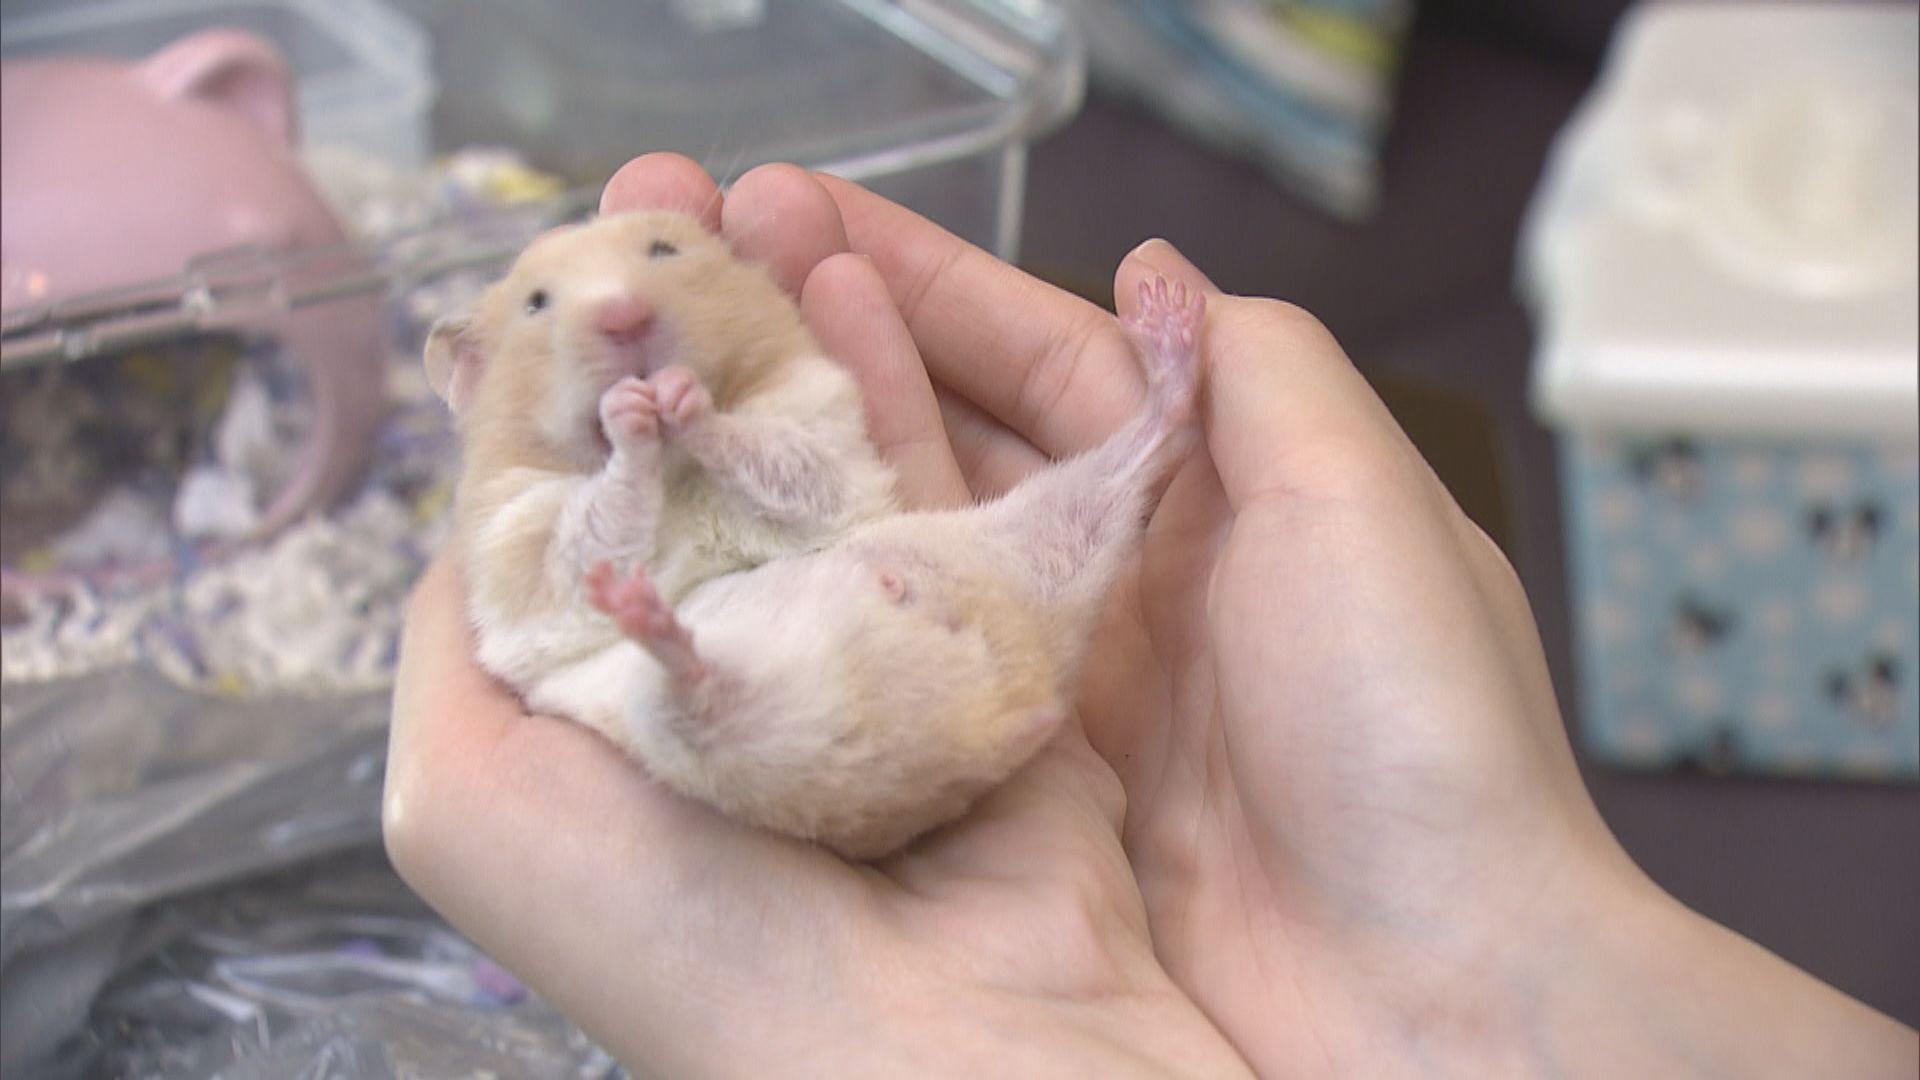 倉鼠成熱門寵物 惟不少人錯誤飼養甚至棄養